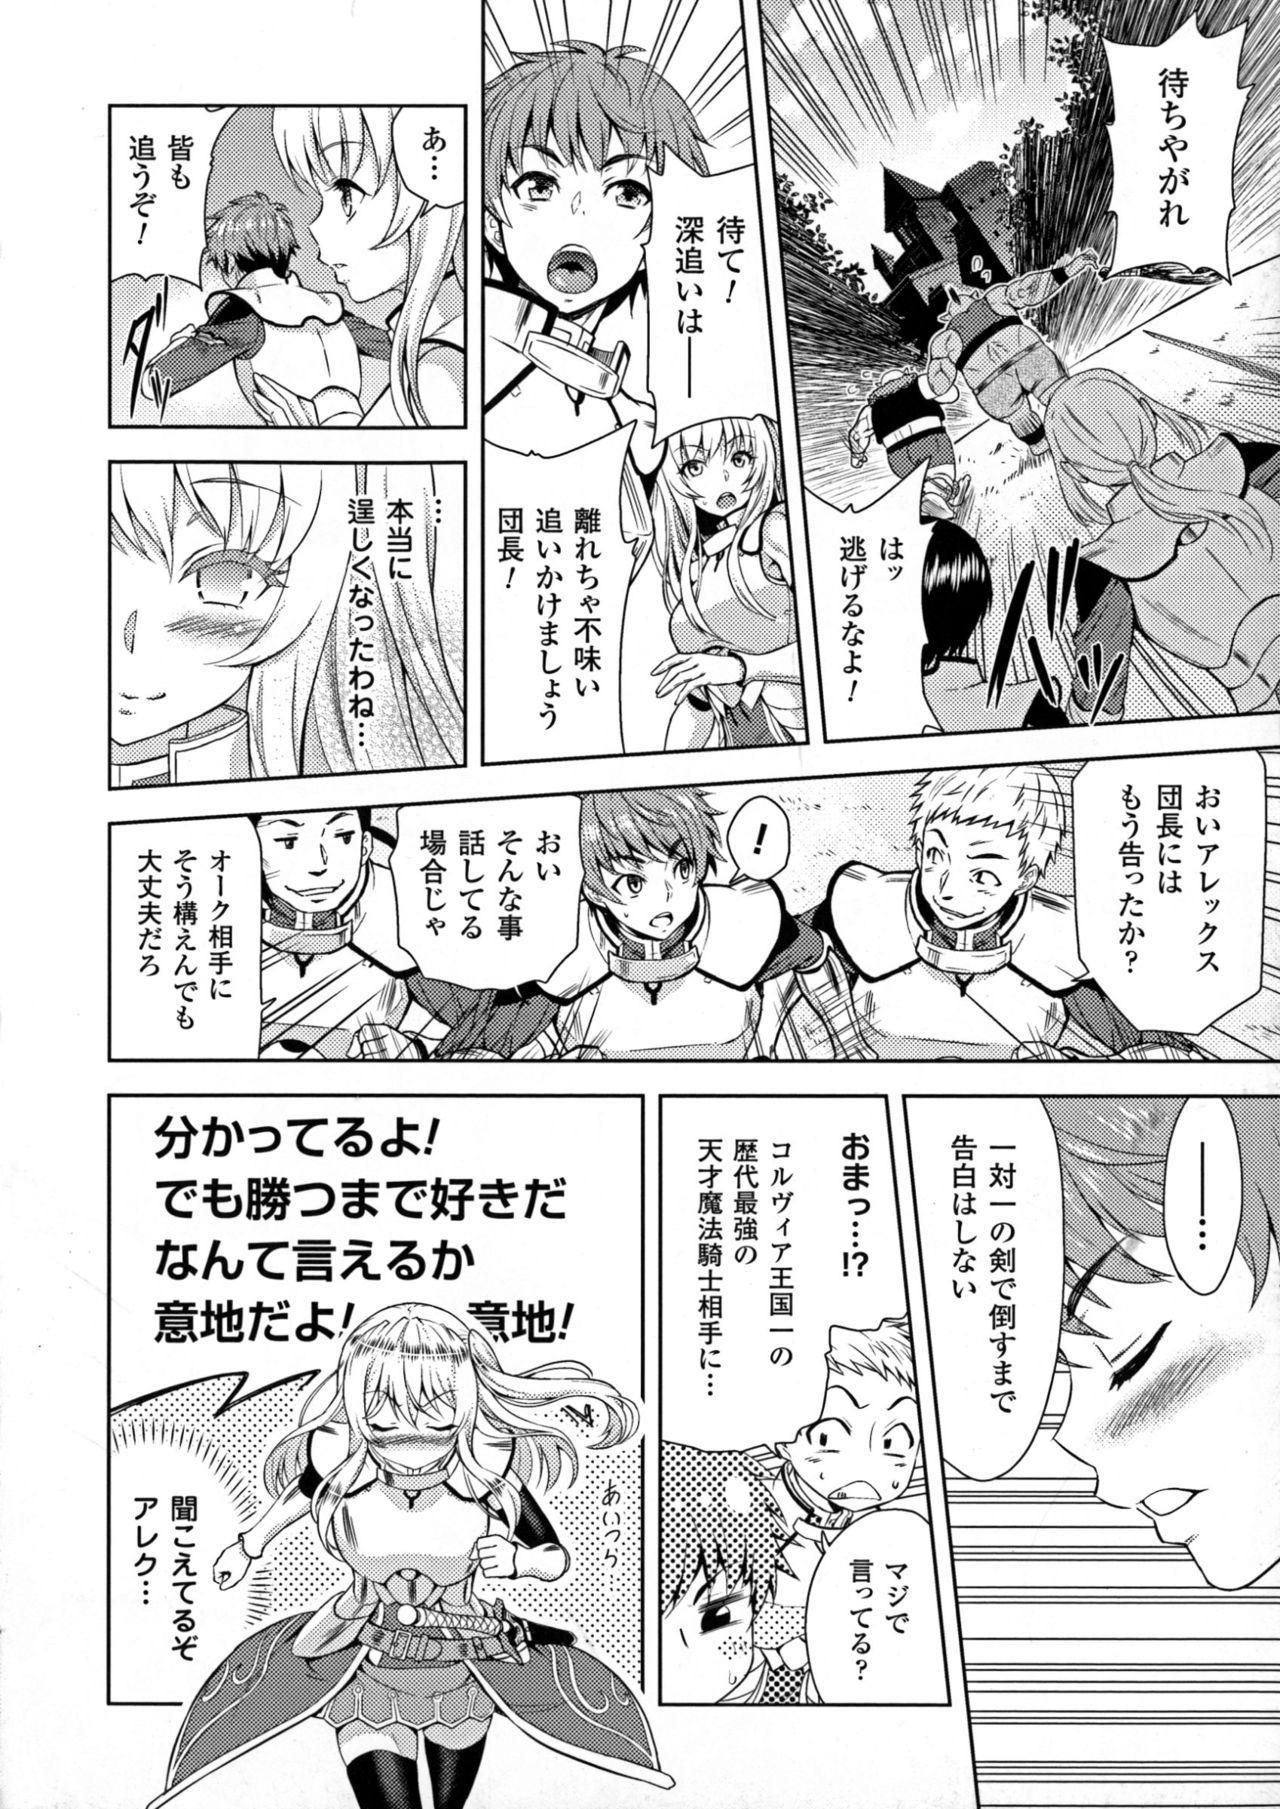 ERONA Orc no Inmon ni Okasareta Onna Kishi no Matsuro Ch. 1-6 5